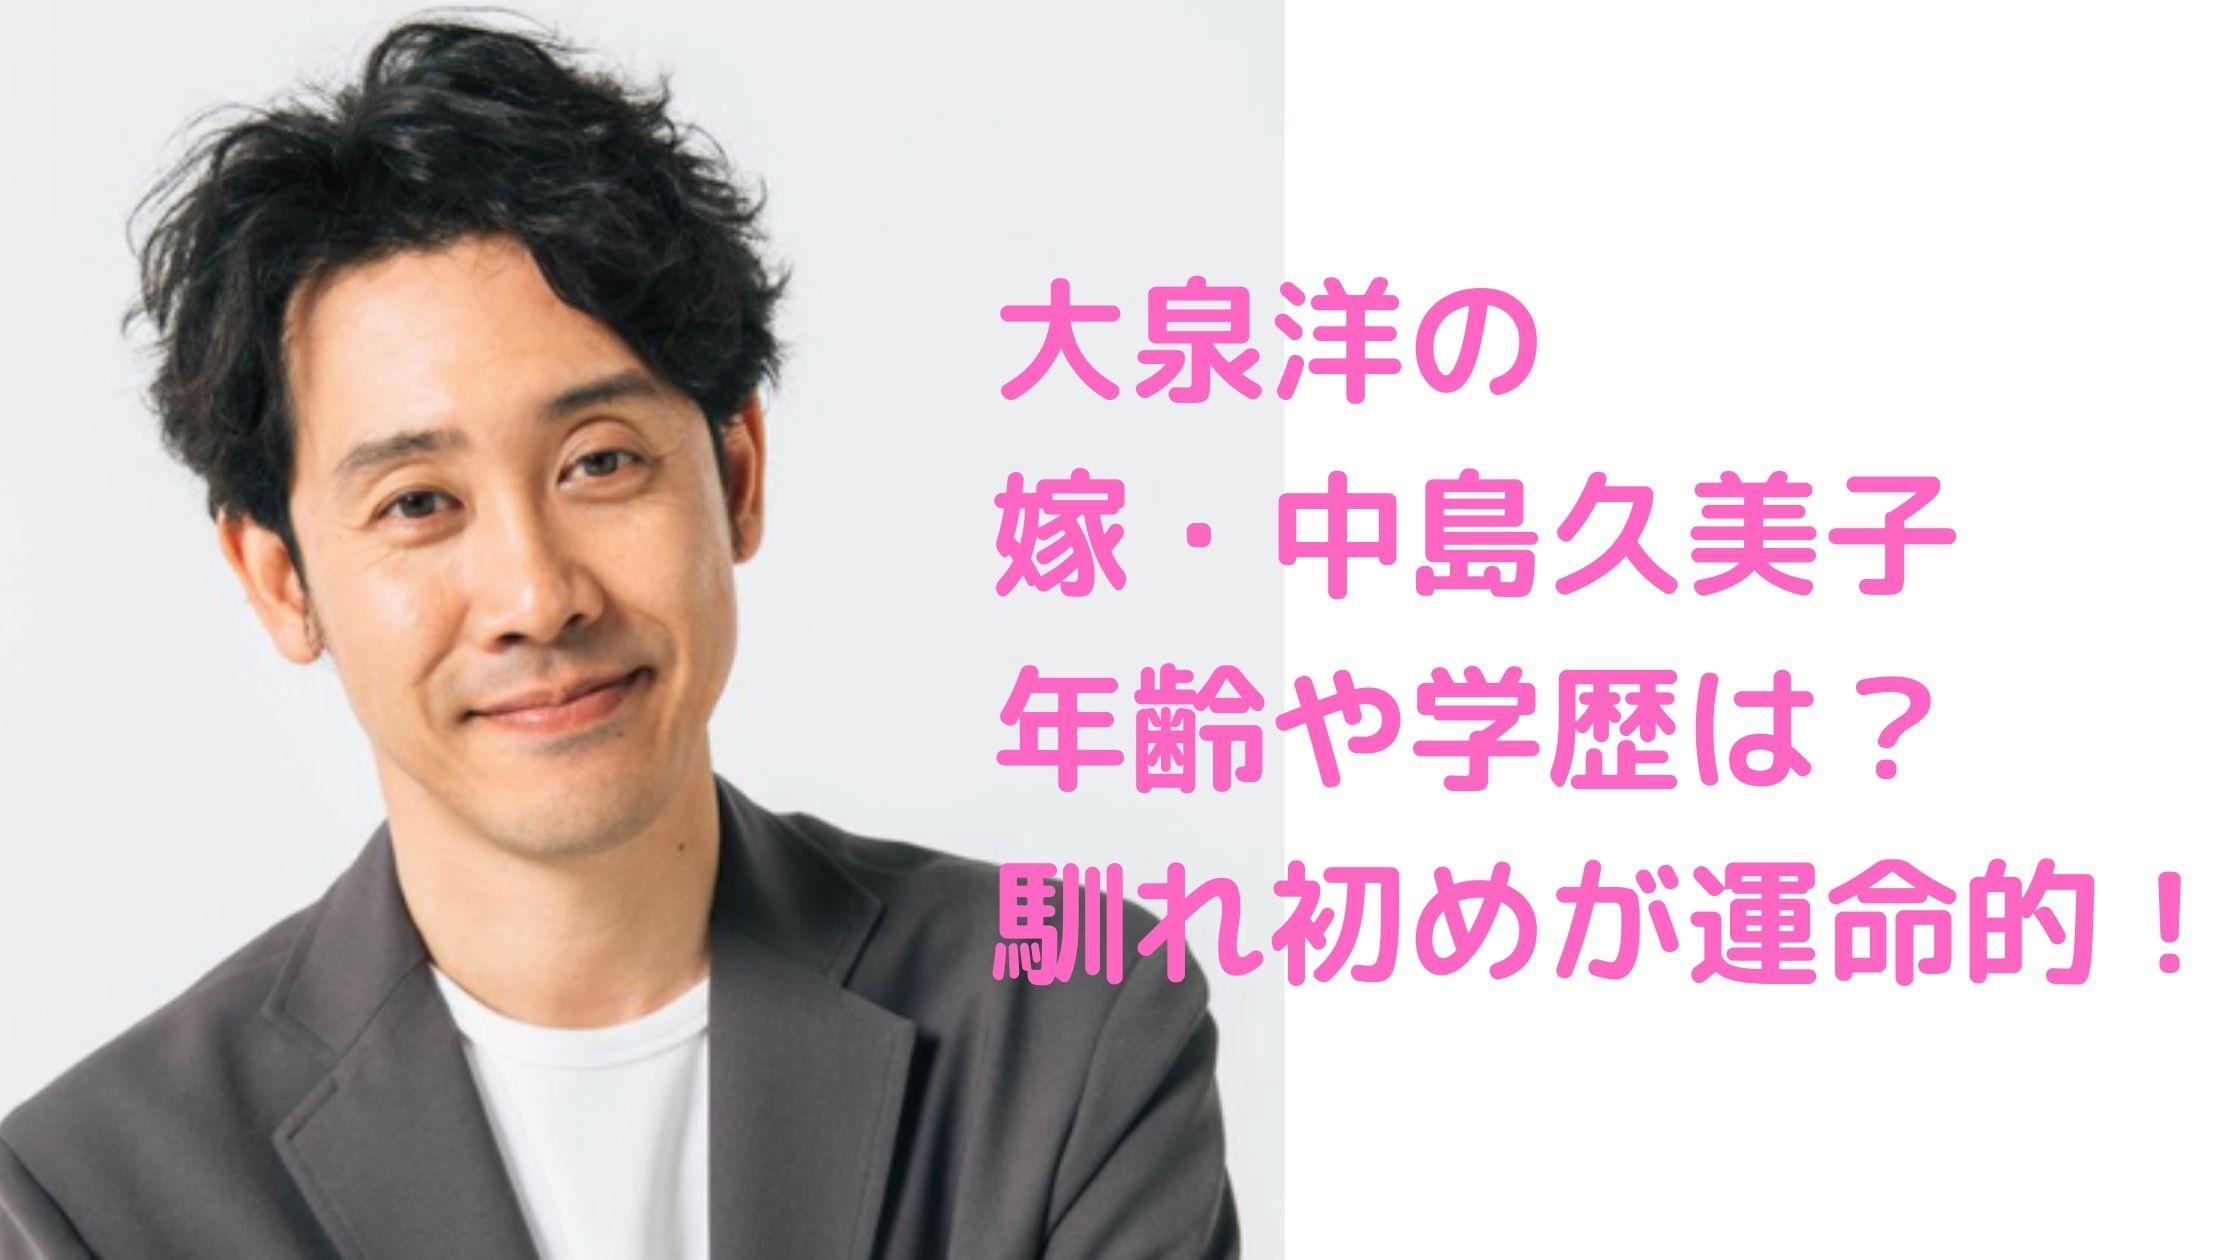 大泉洋 嫁 妻 結婚相手 中島久美子 顔画像 馴れ初め 学歴 年収 作品